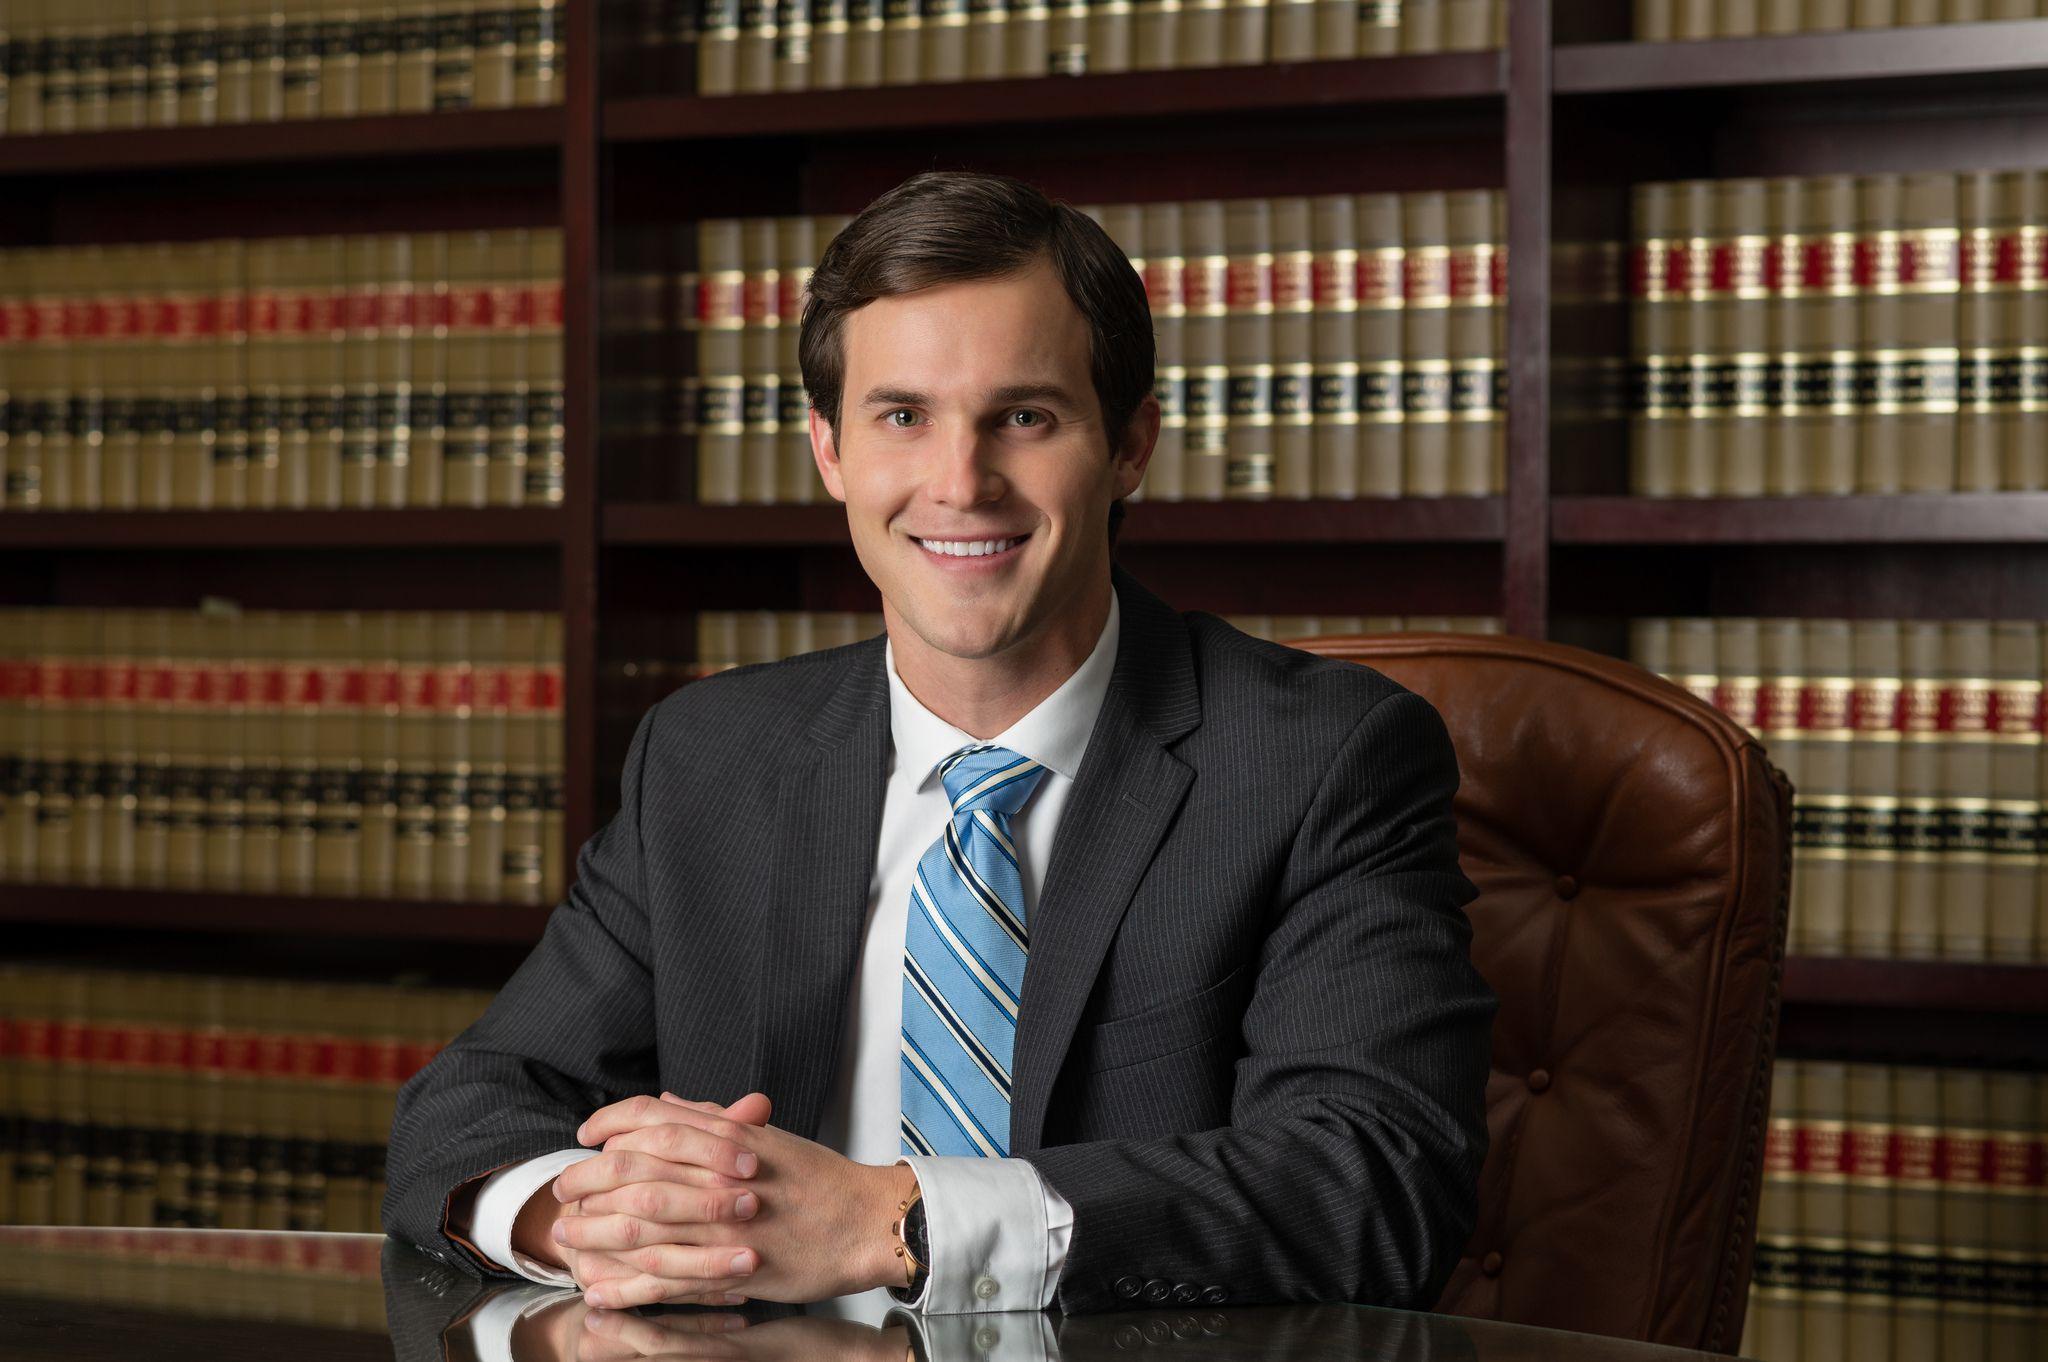 The Hartnett Law Firm